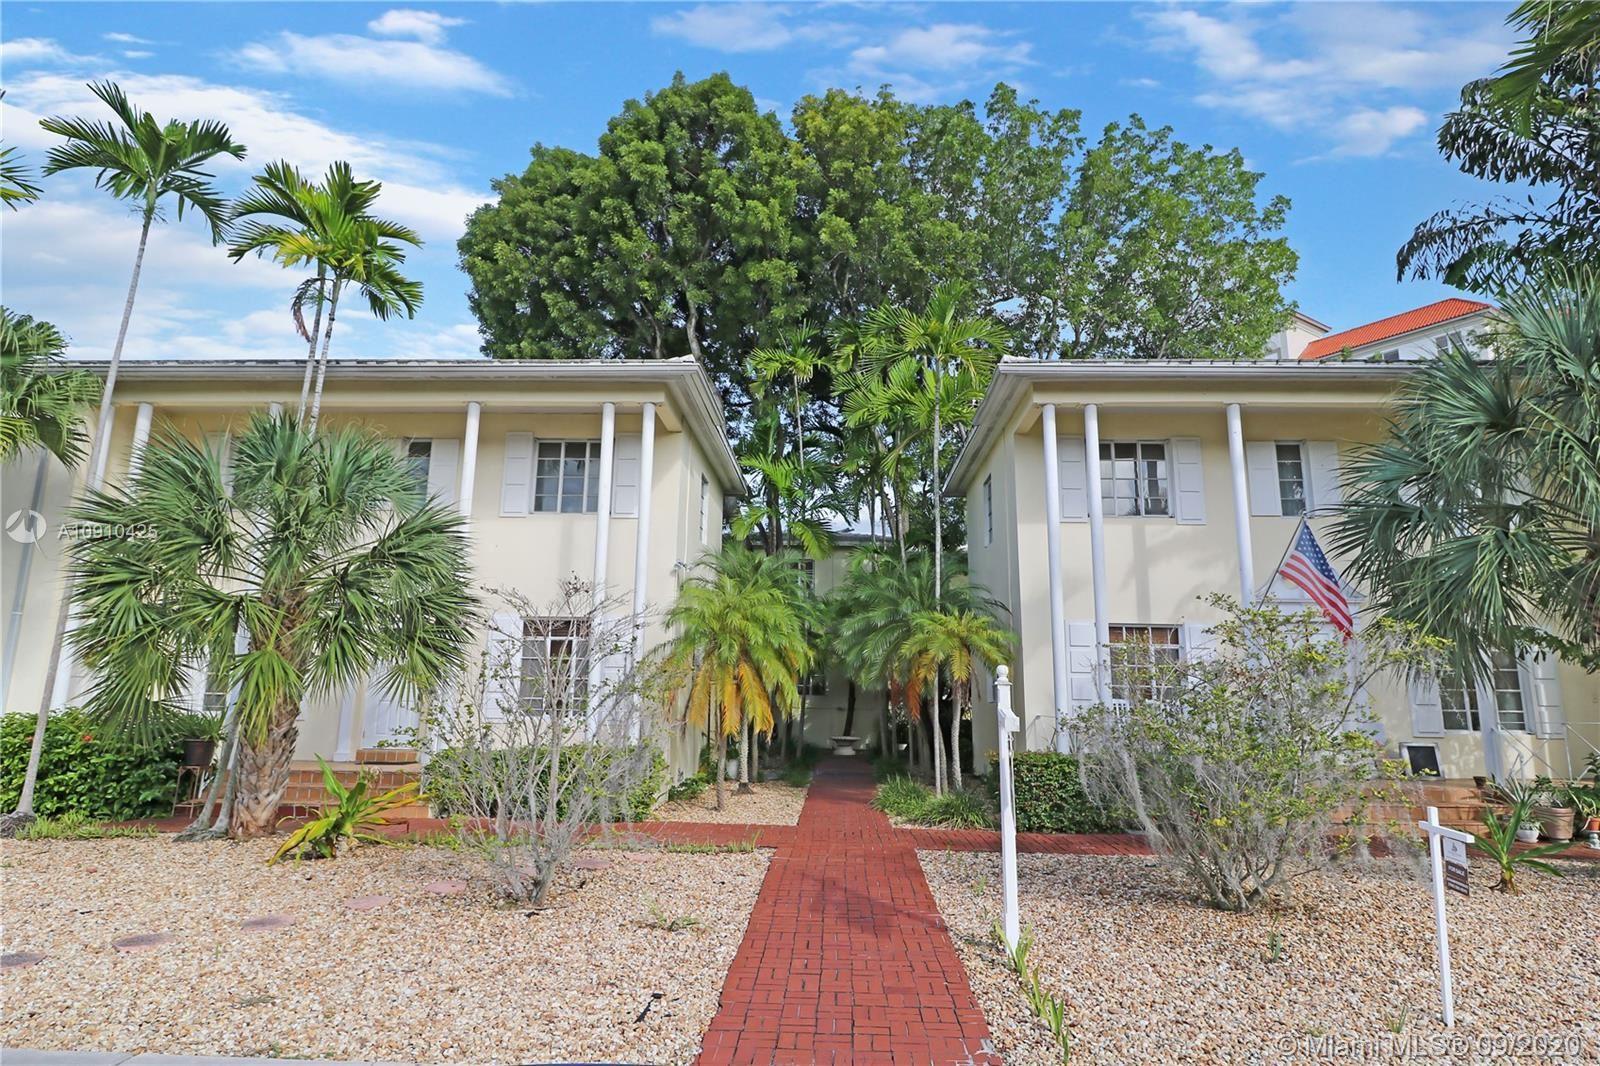 20 Alhambra Cir #6, Coral Gables, FL 33134 - #: A10910425